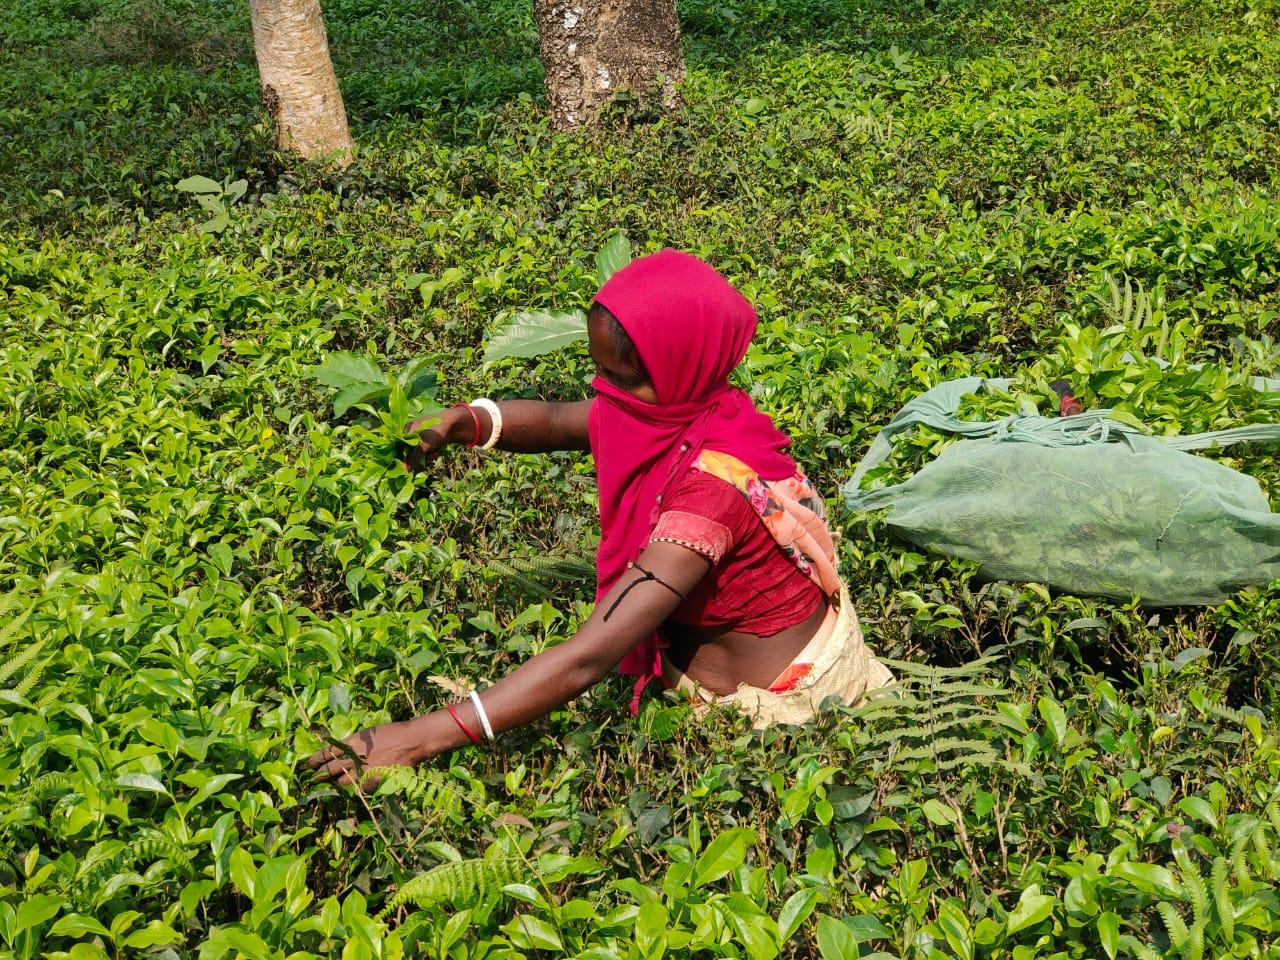 किशनगंज:चाय बगान मजदूरों को कोरोना से बचने को नियमों का करना होगा पालन